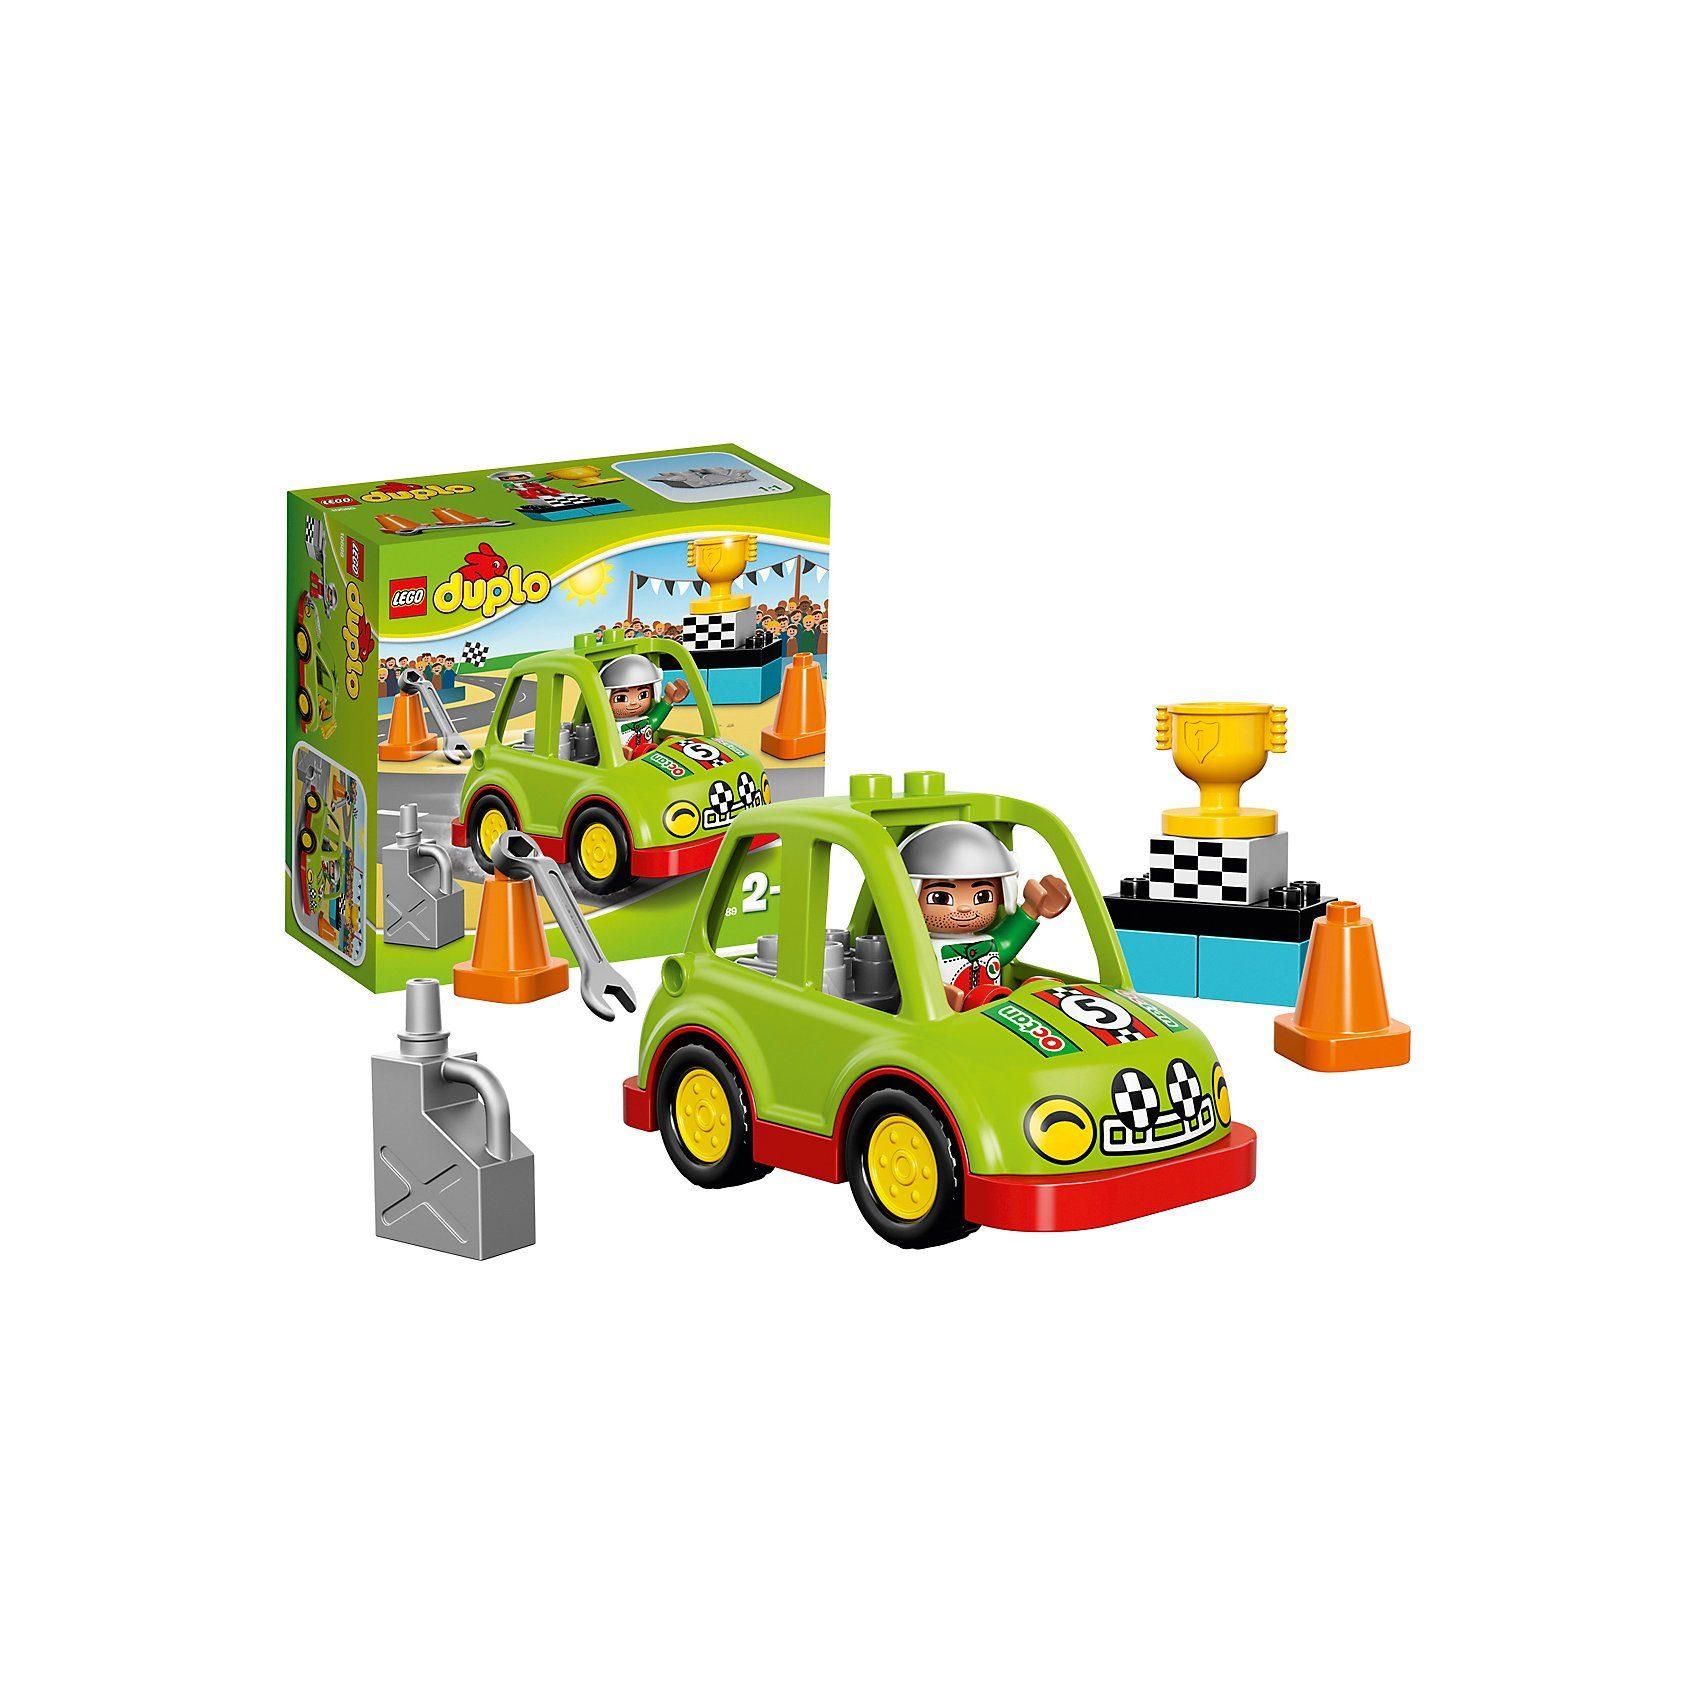 LEGO 10589 DUPLO: Rennwagen